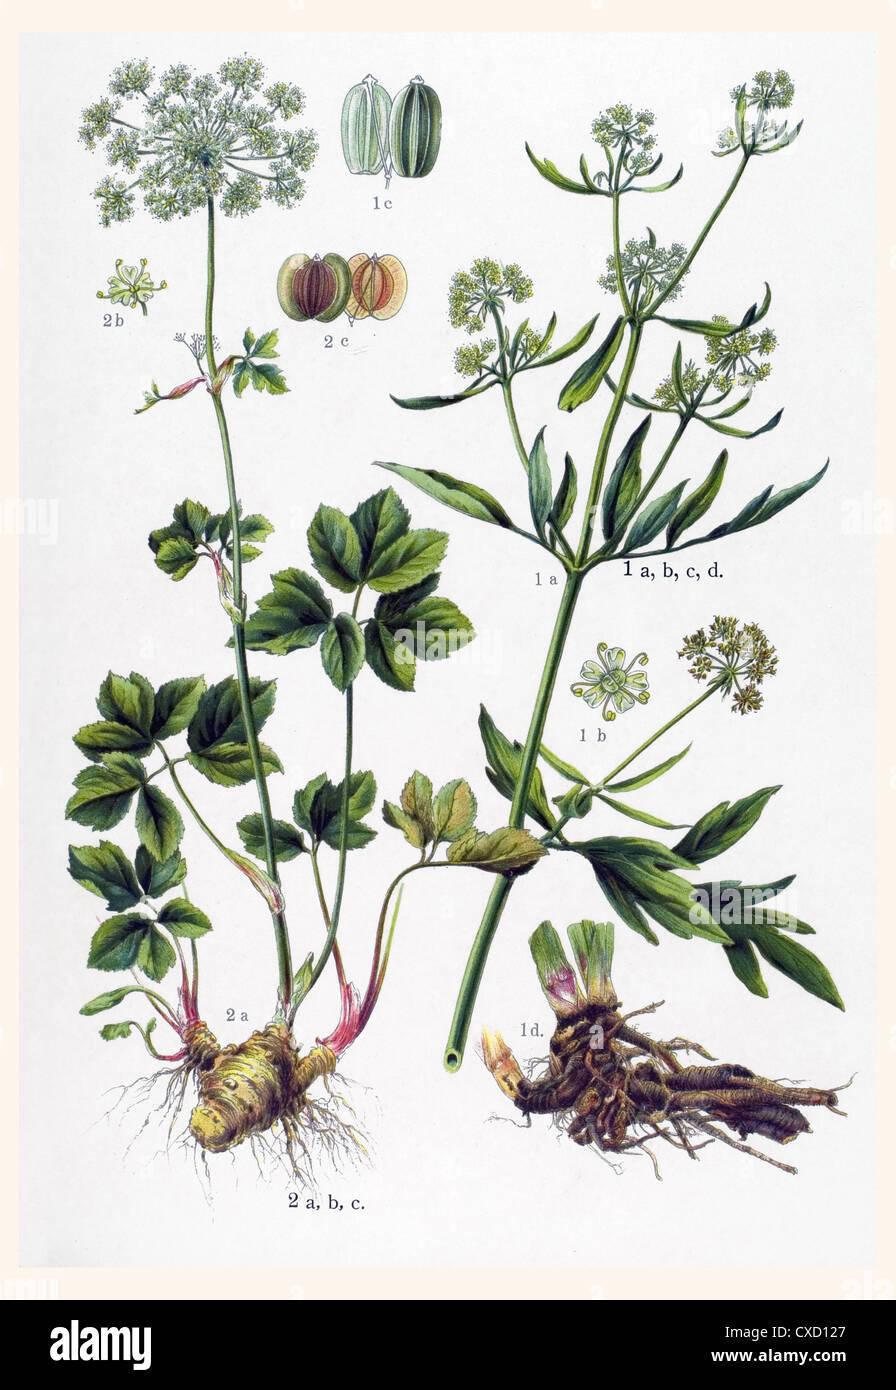 Ligusticum levisticum - Stock Image